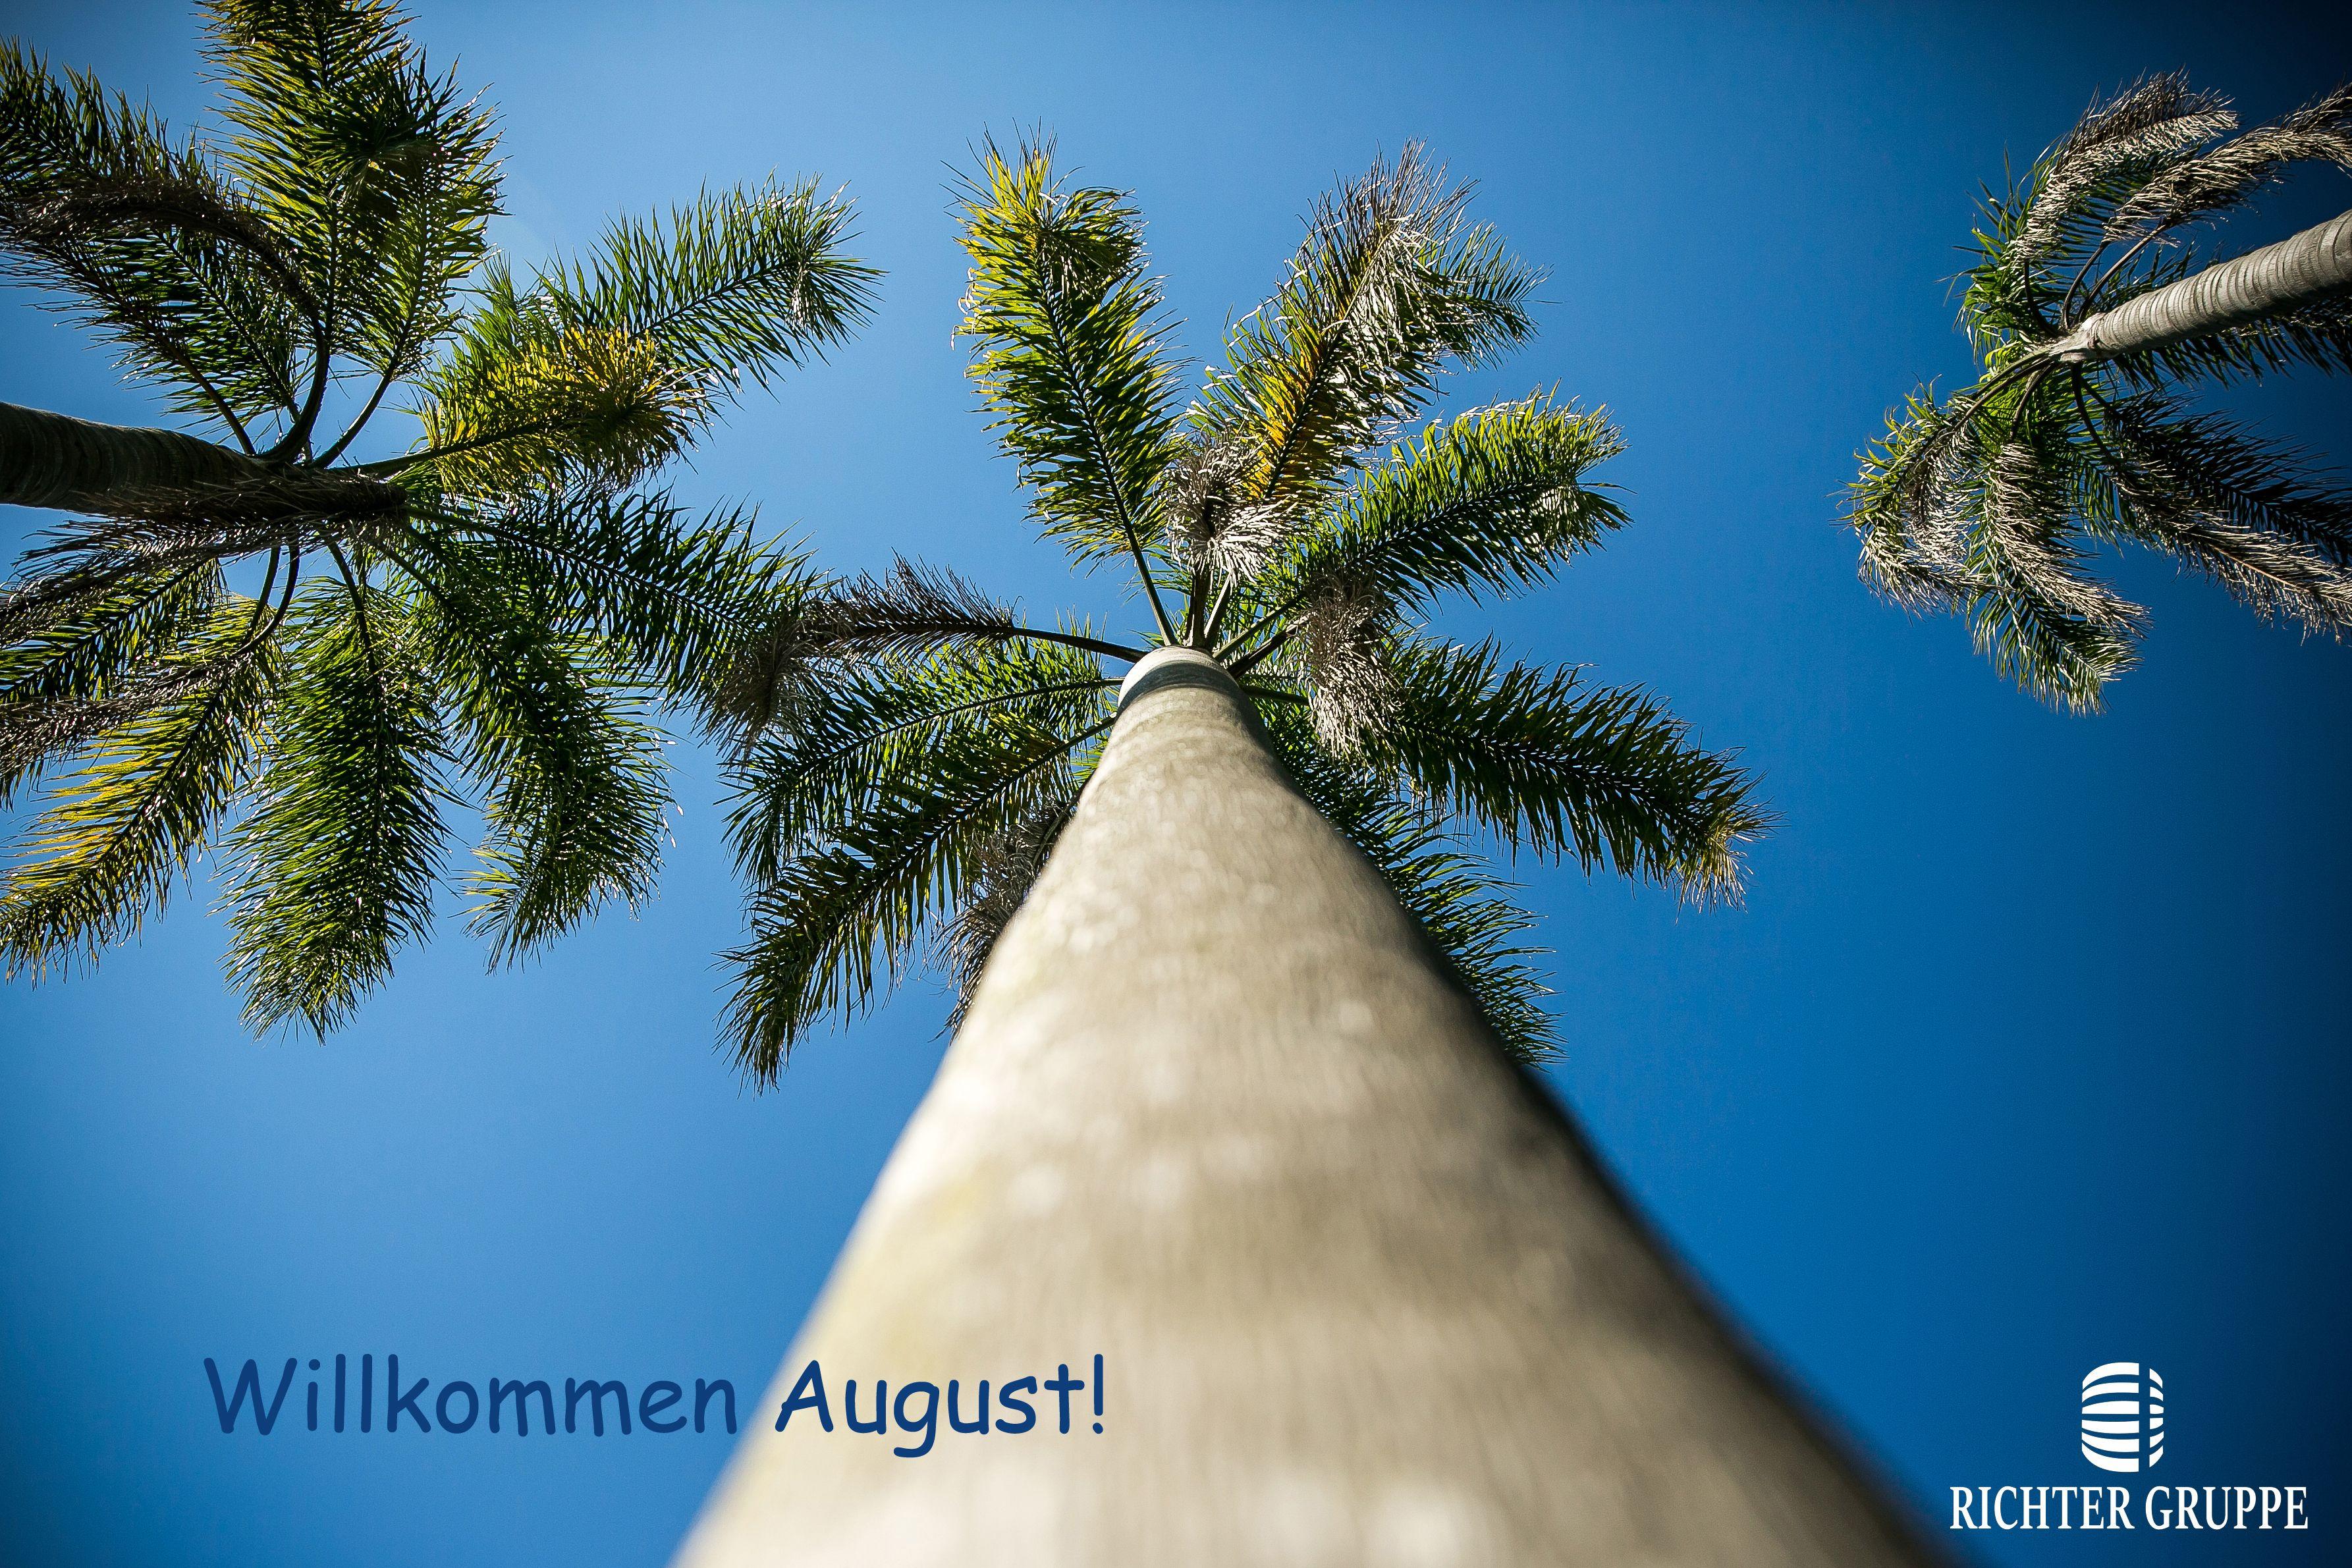 Willkommen August!! #venhainvestir